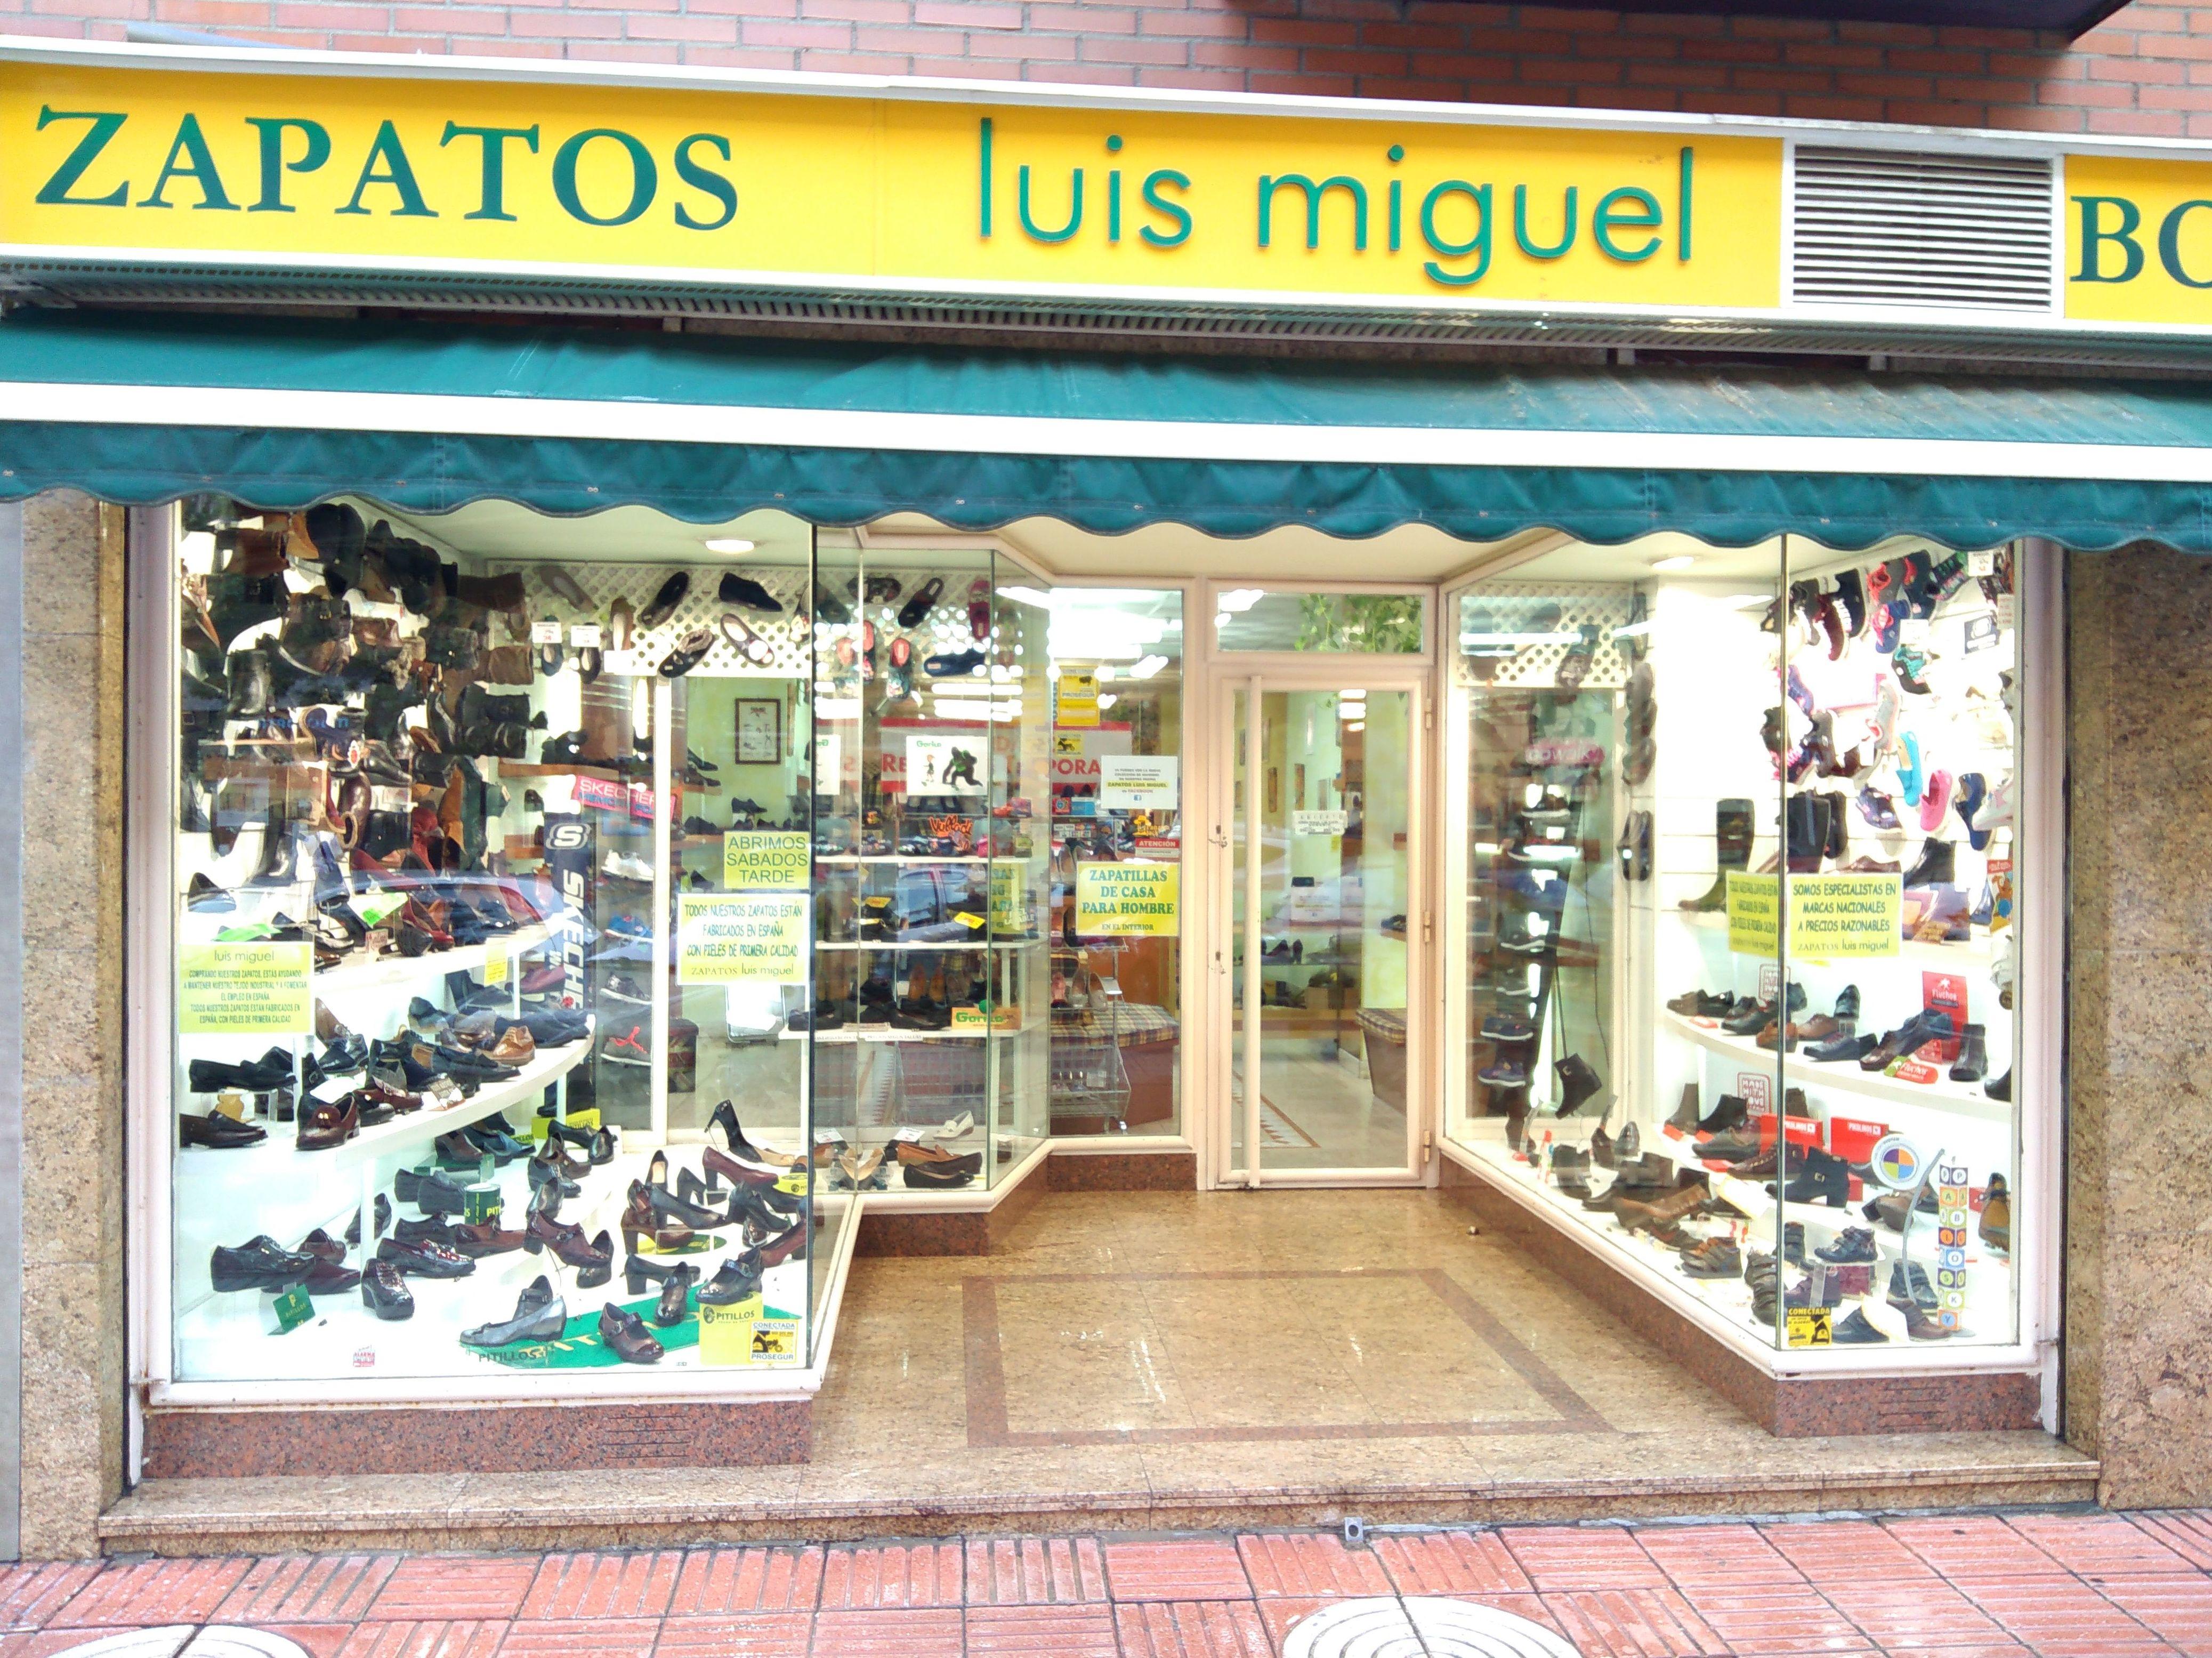 Foto 59 de venta de zapatos de señora y niños en piel en Alcorcón | Zapatos Luis Miguel